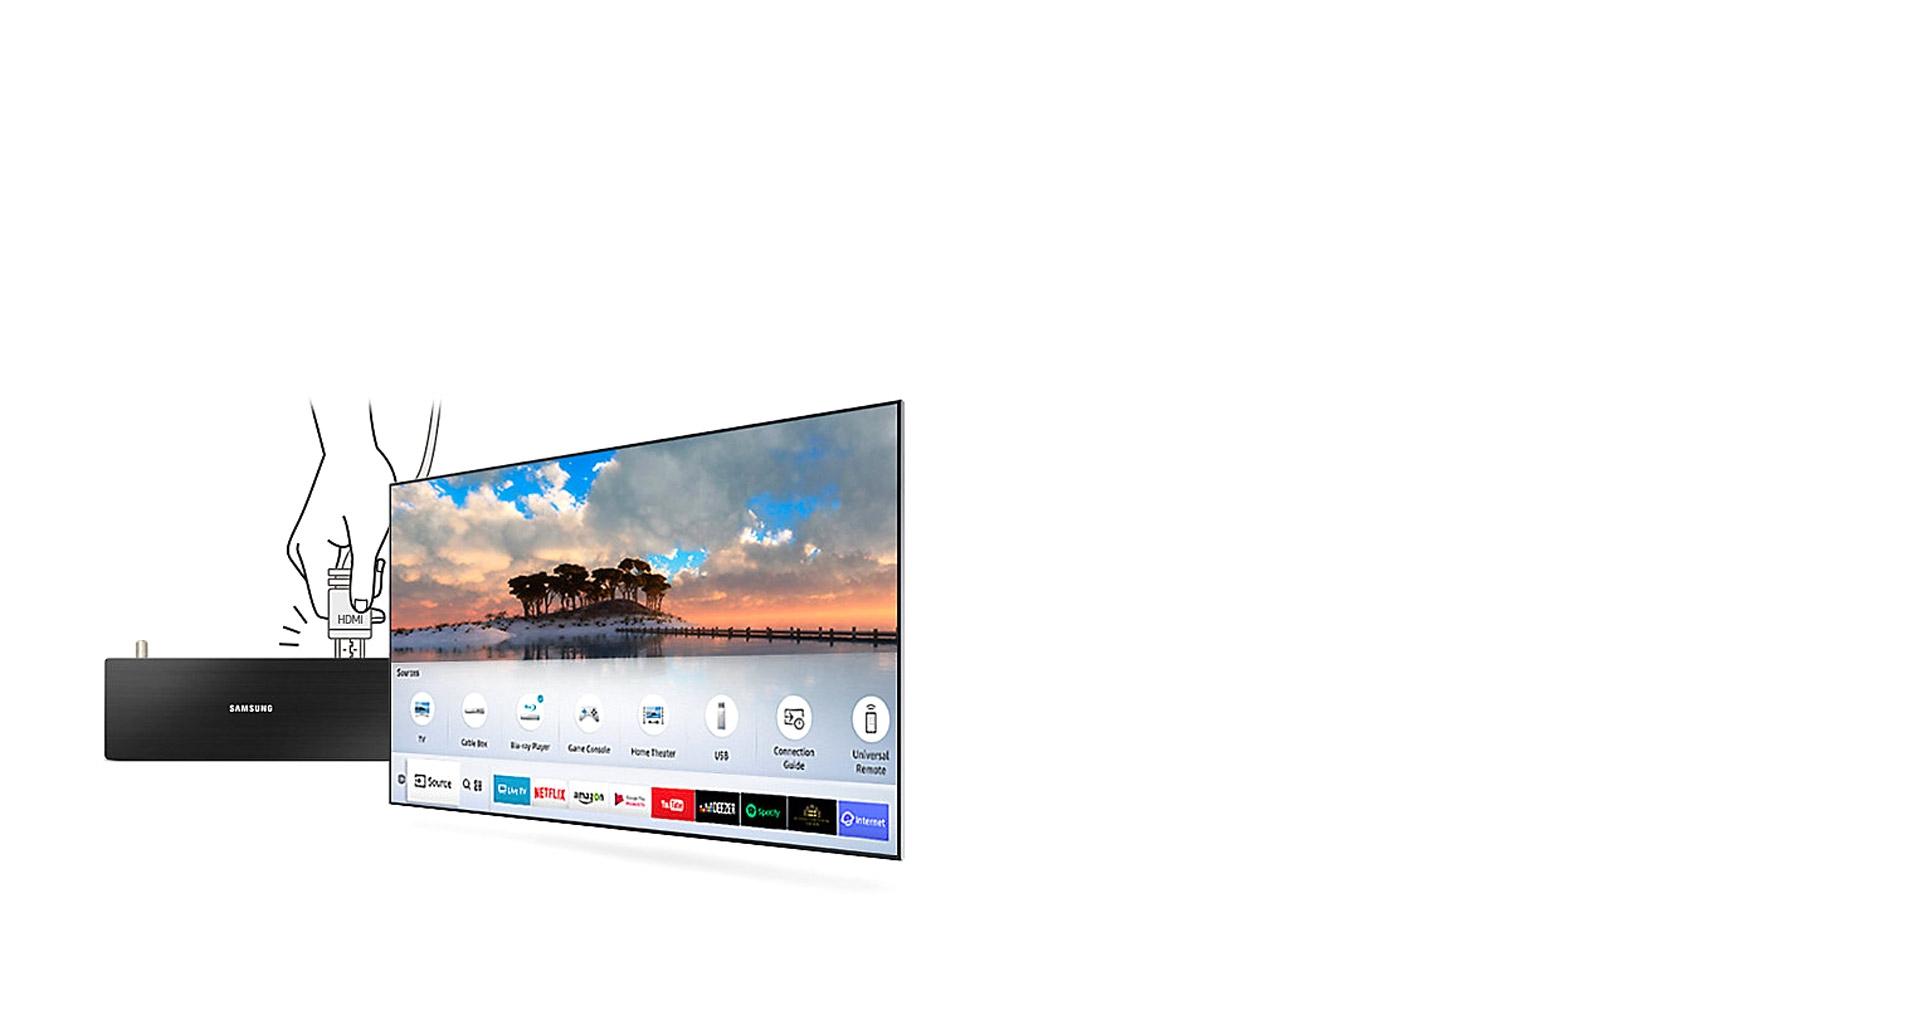 تلویزیون اسمارت UHD 4K سامسونگ مجهز به Auto Detection